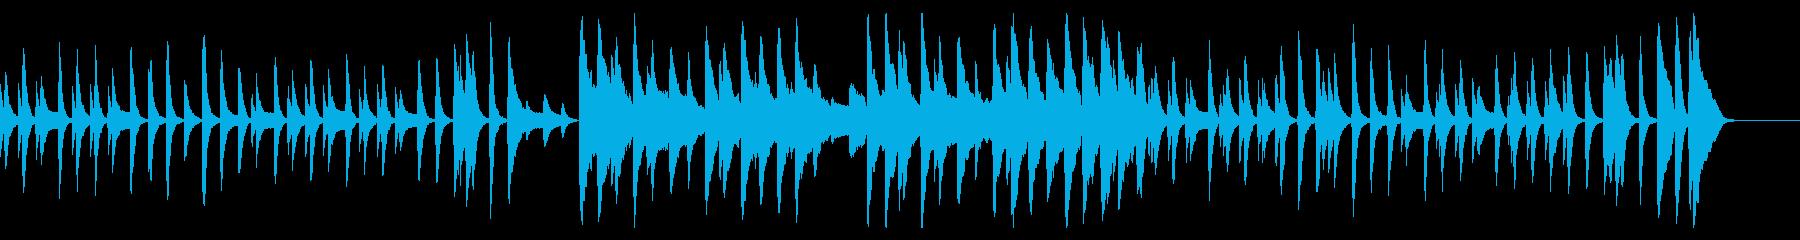 映像_テレビ、CM、YouTube等01の再生済みの波形